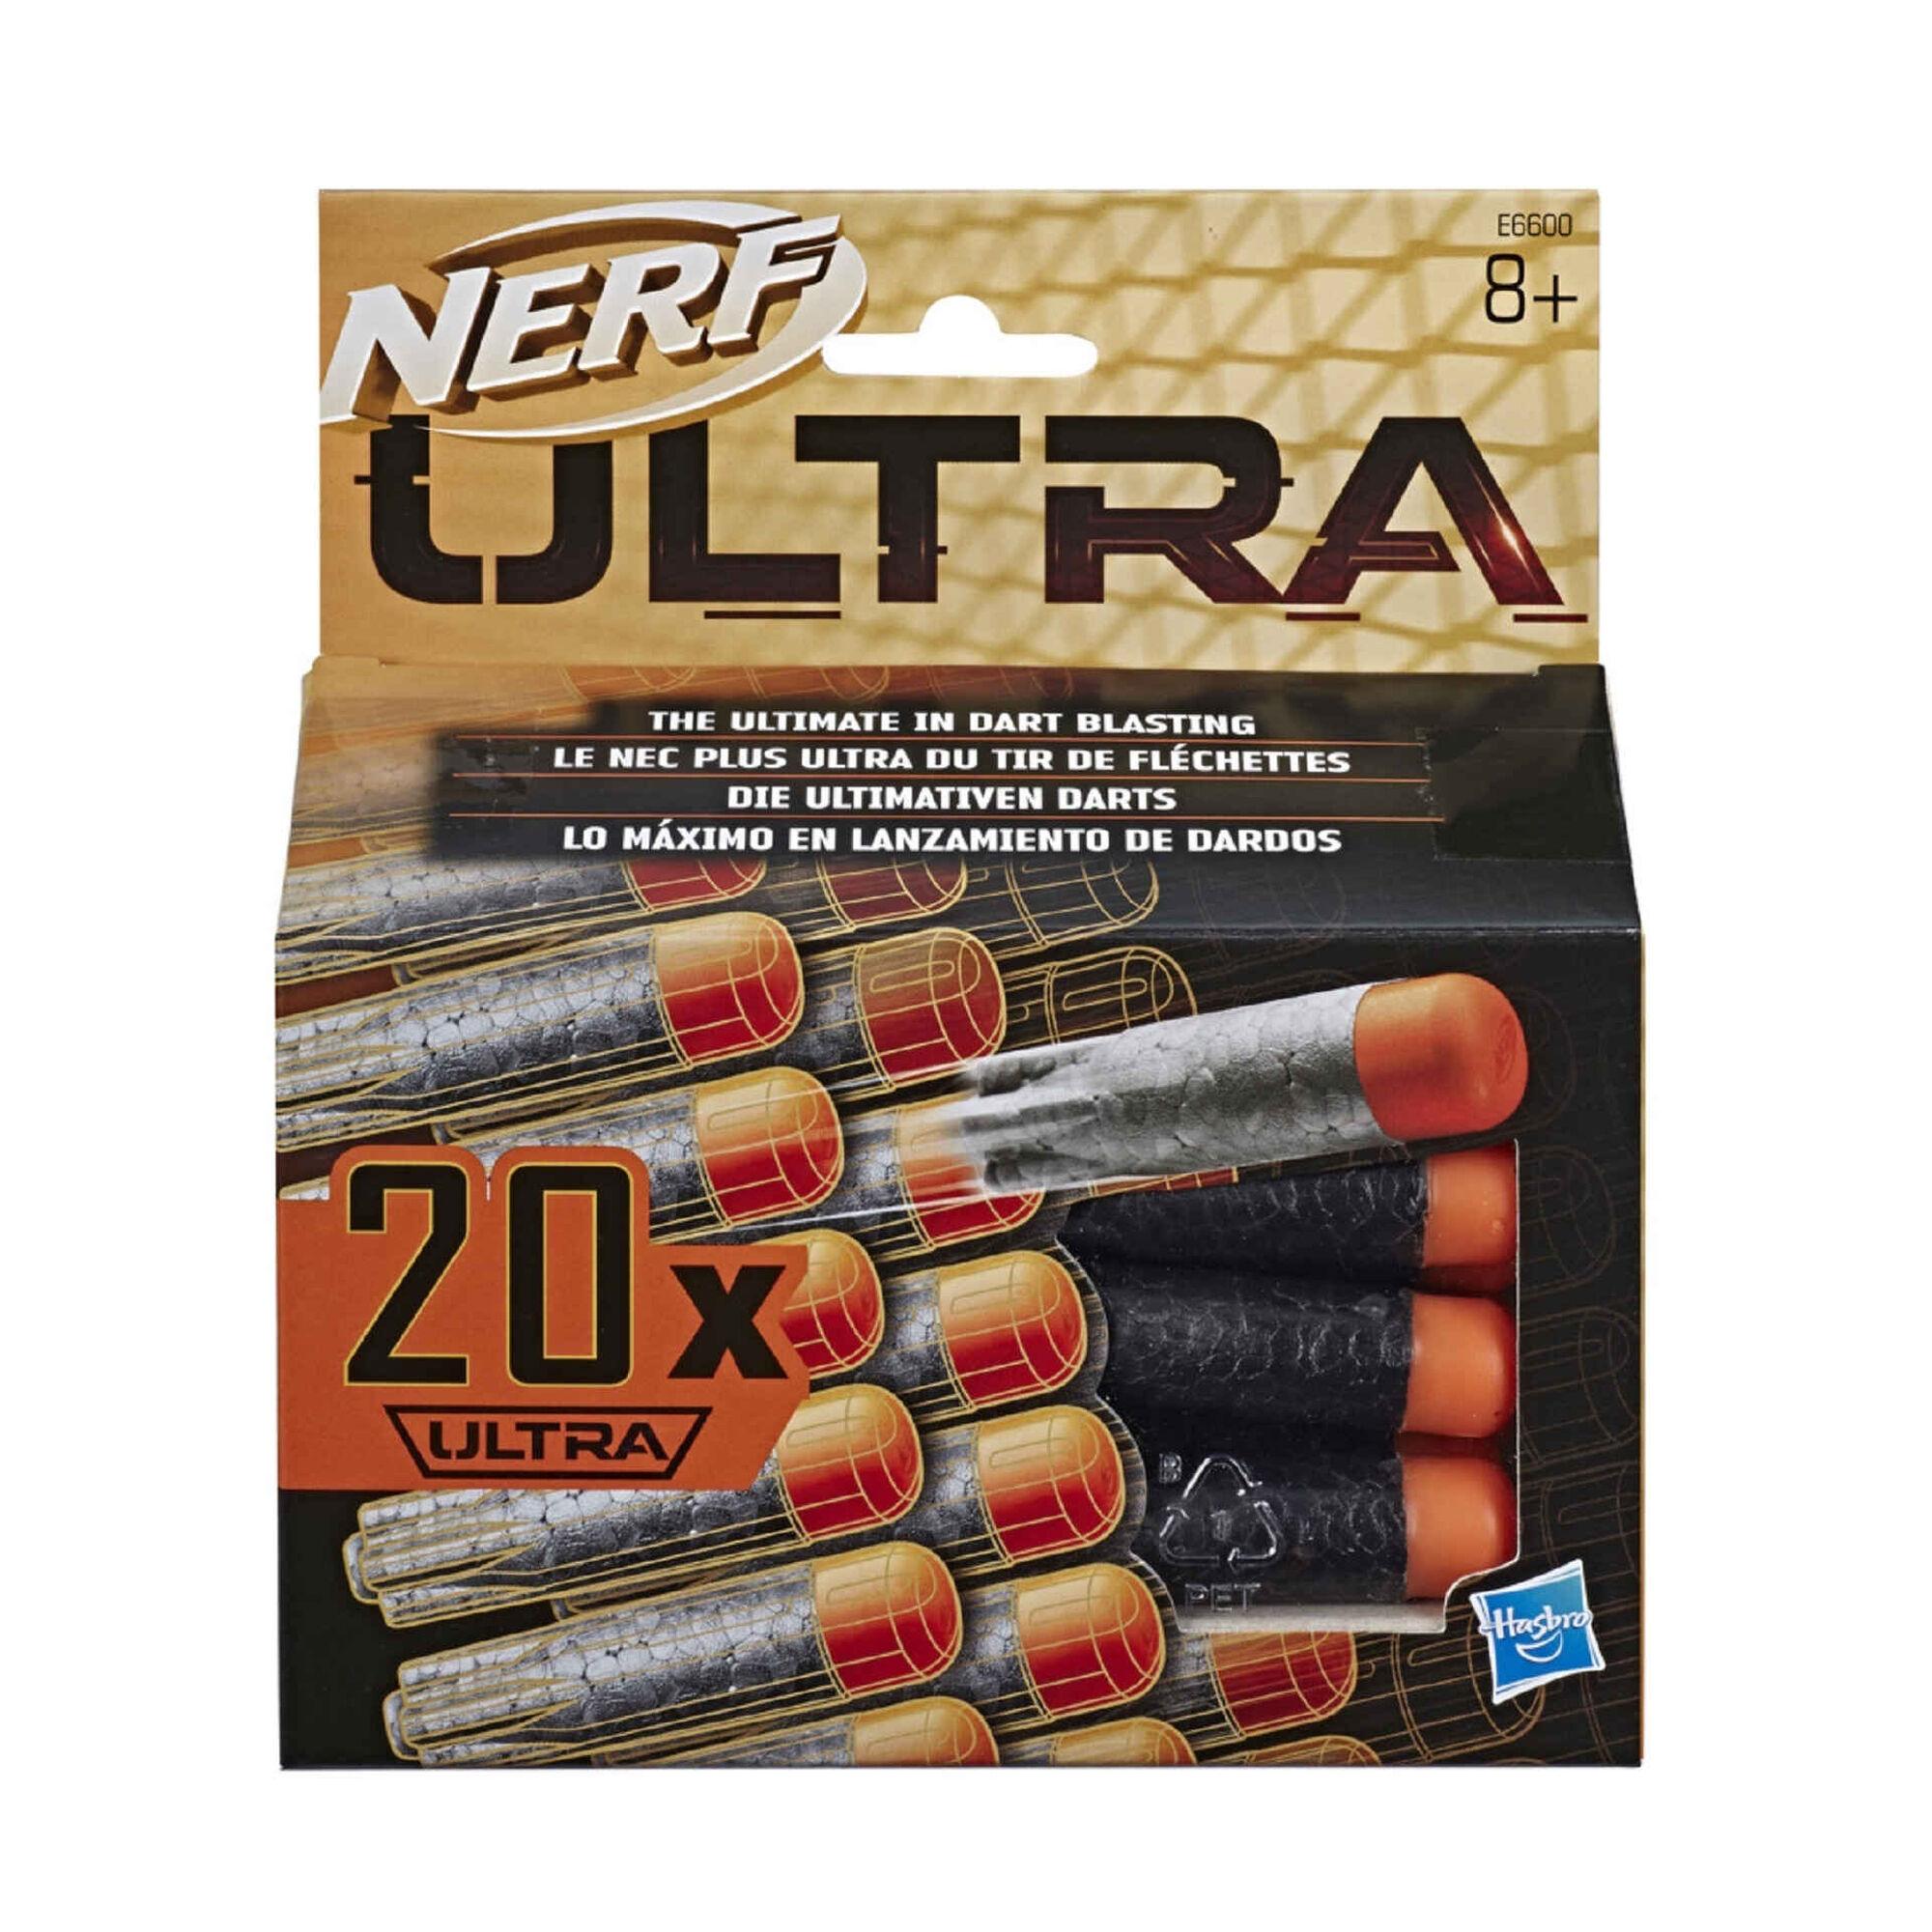 Nerf Ultra 20 Dardos Refill